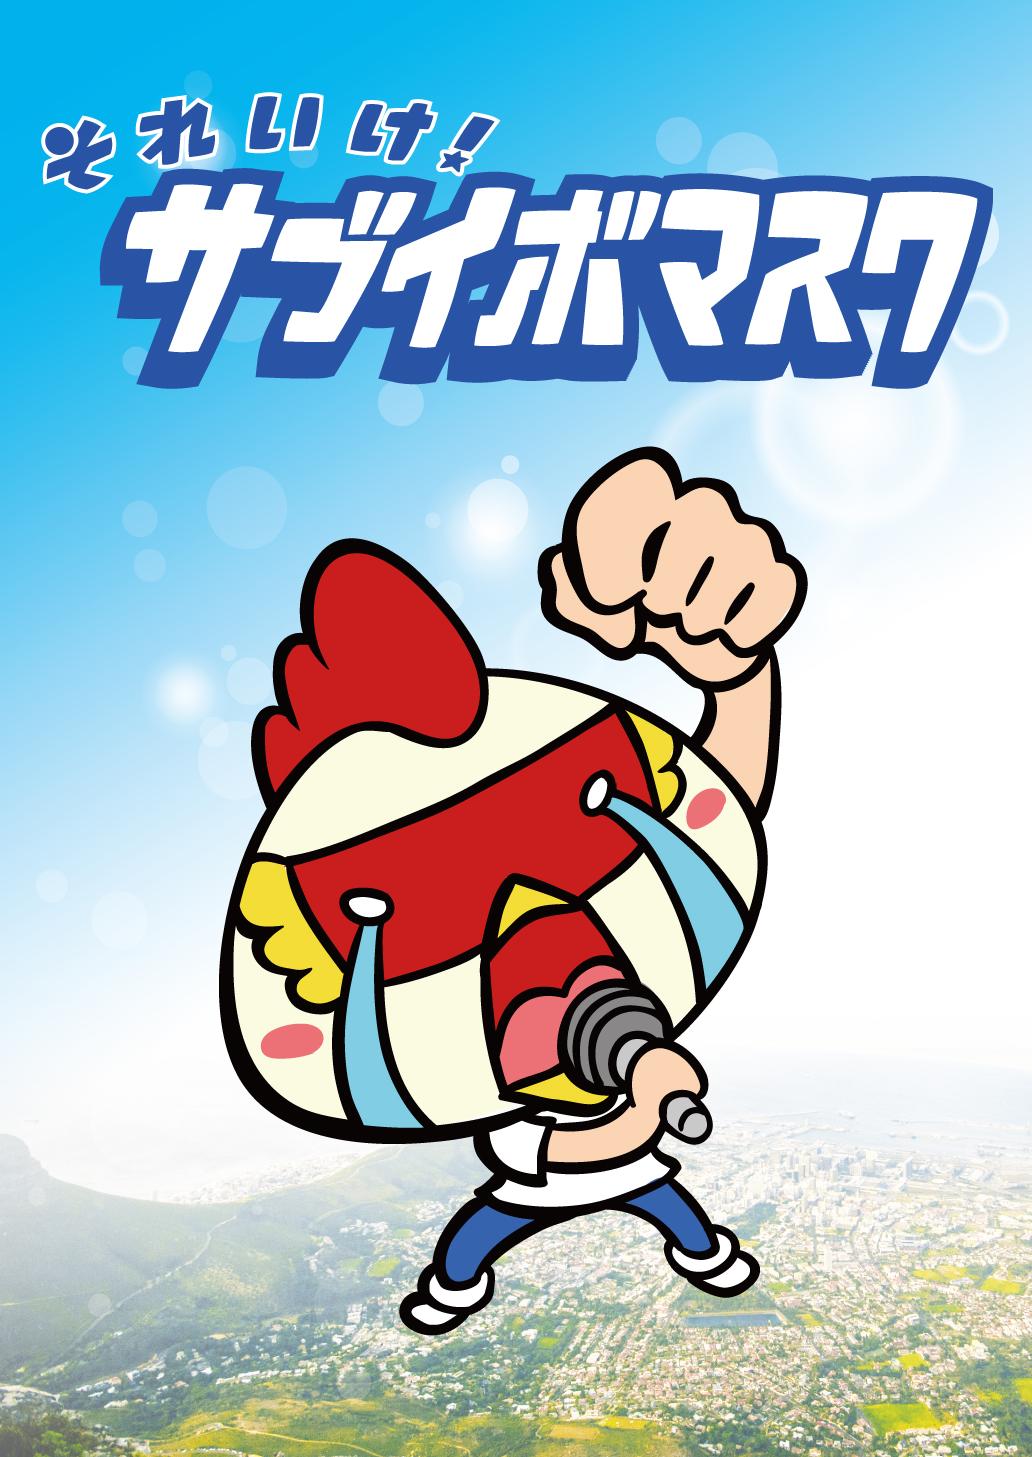 スピンオフアニメ 『それいけ!サブイボマスク』放送決定!